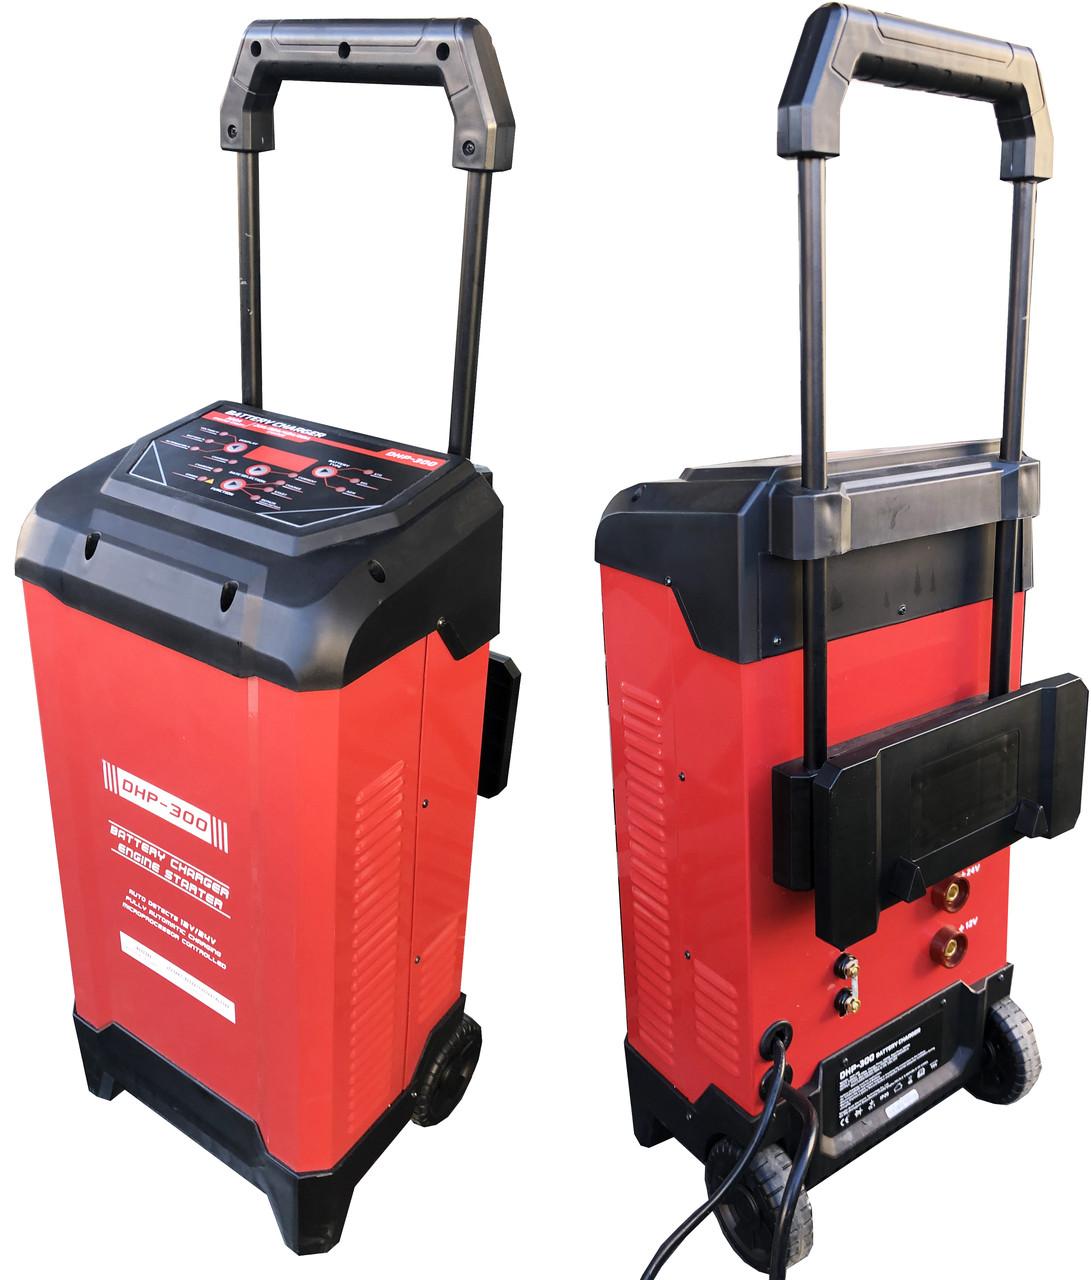 Пуско-зарядное устройство AL-FA DHP-300 12/24 V, 650 A.Для всех видов свинцово-кислотных аккумуляторов.